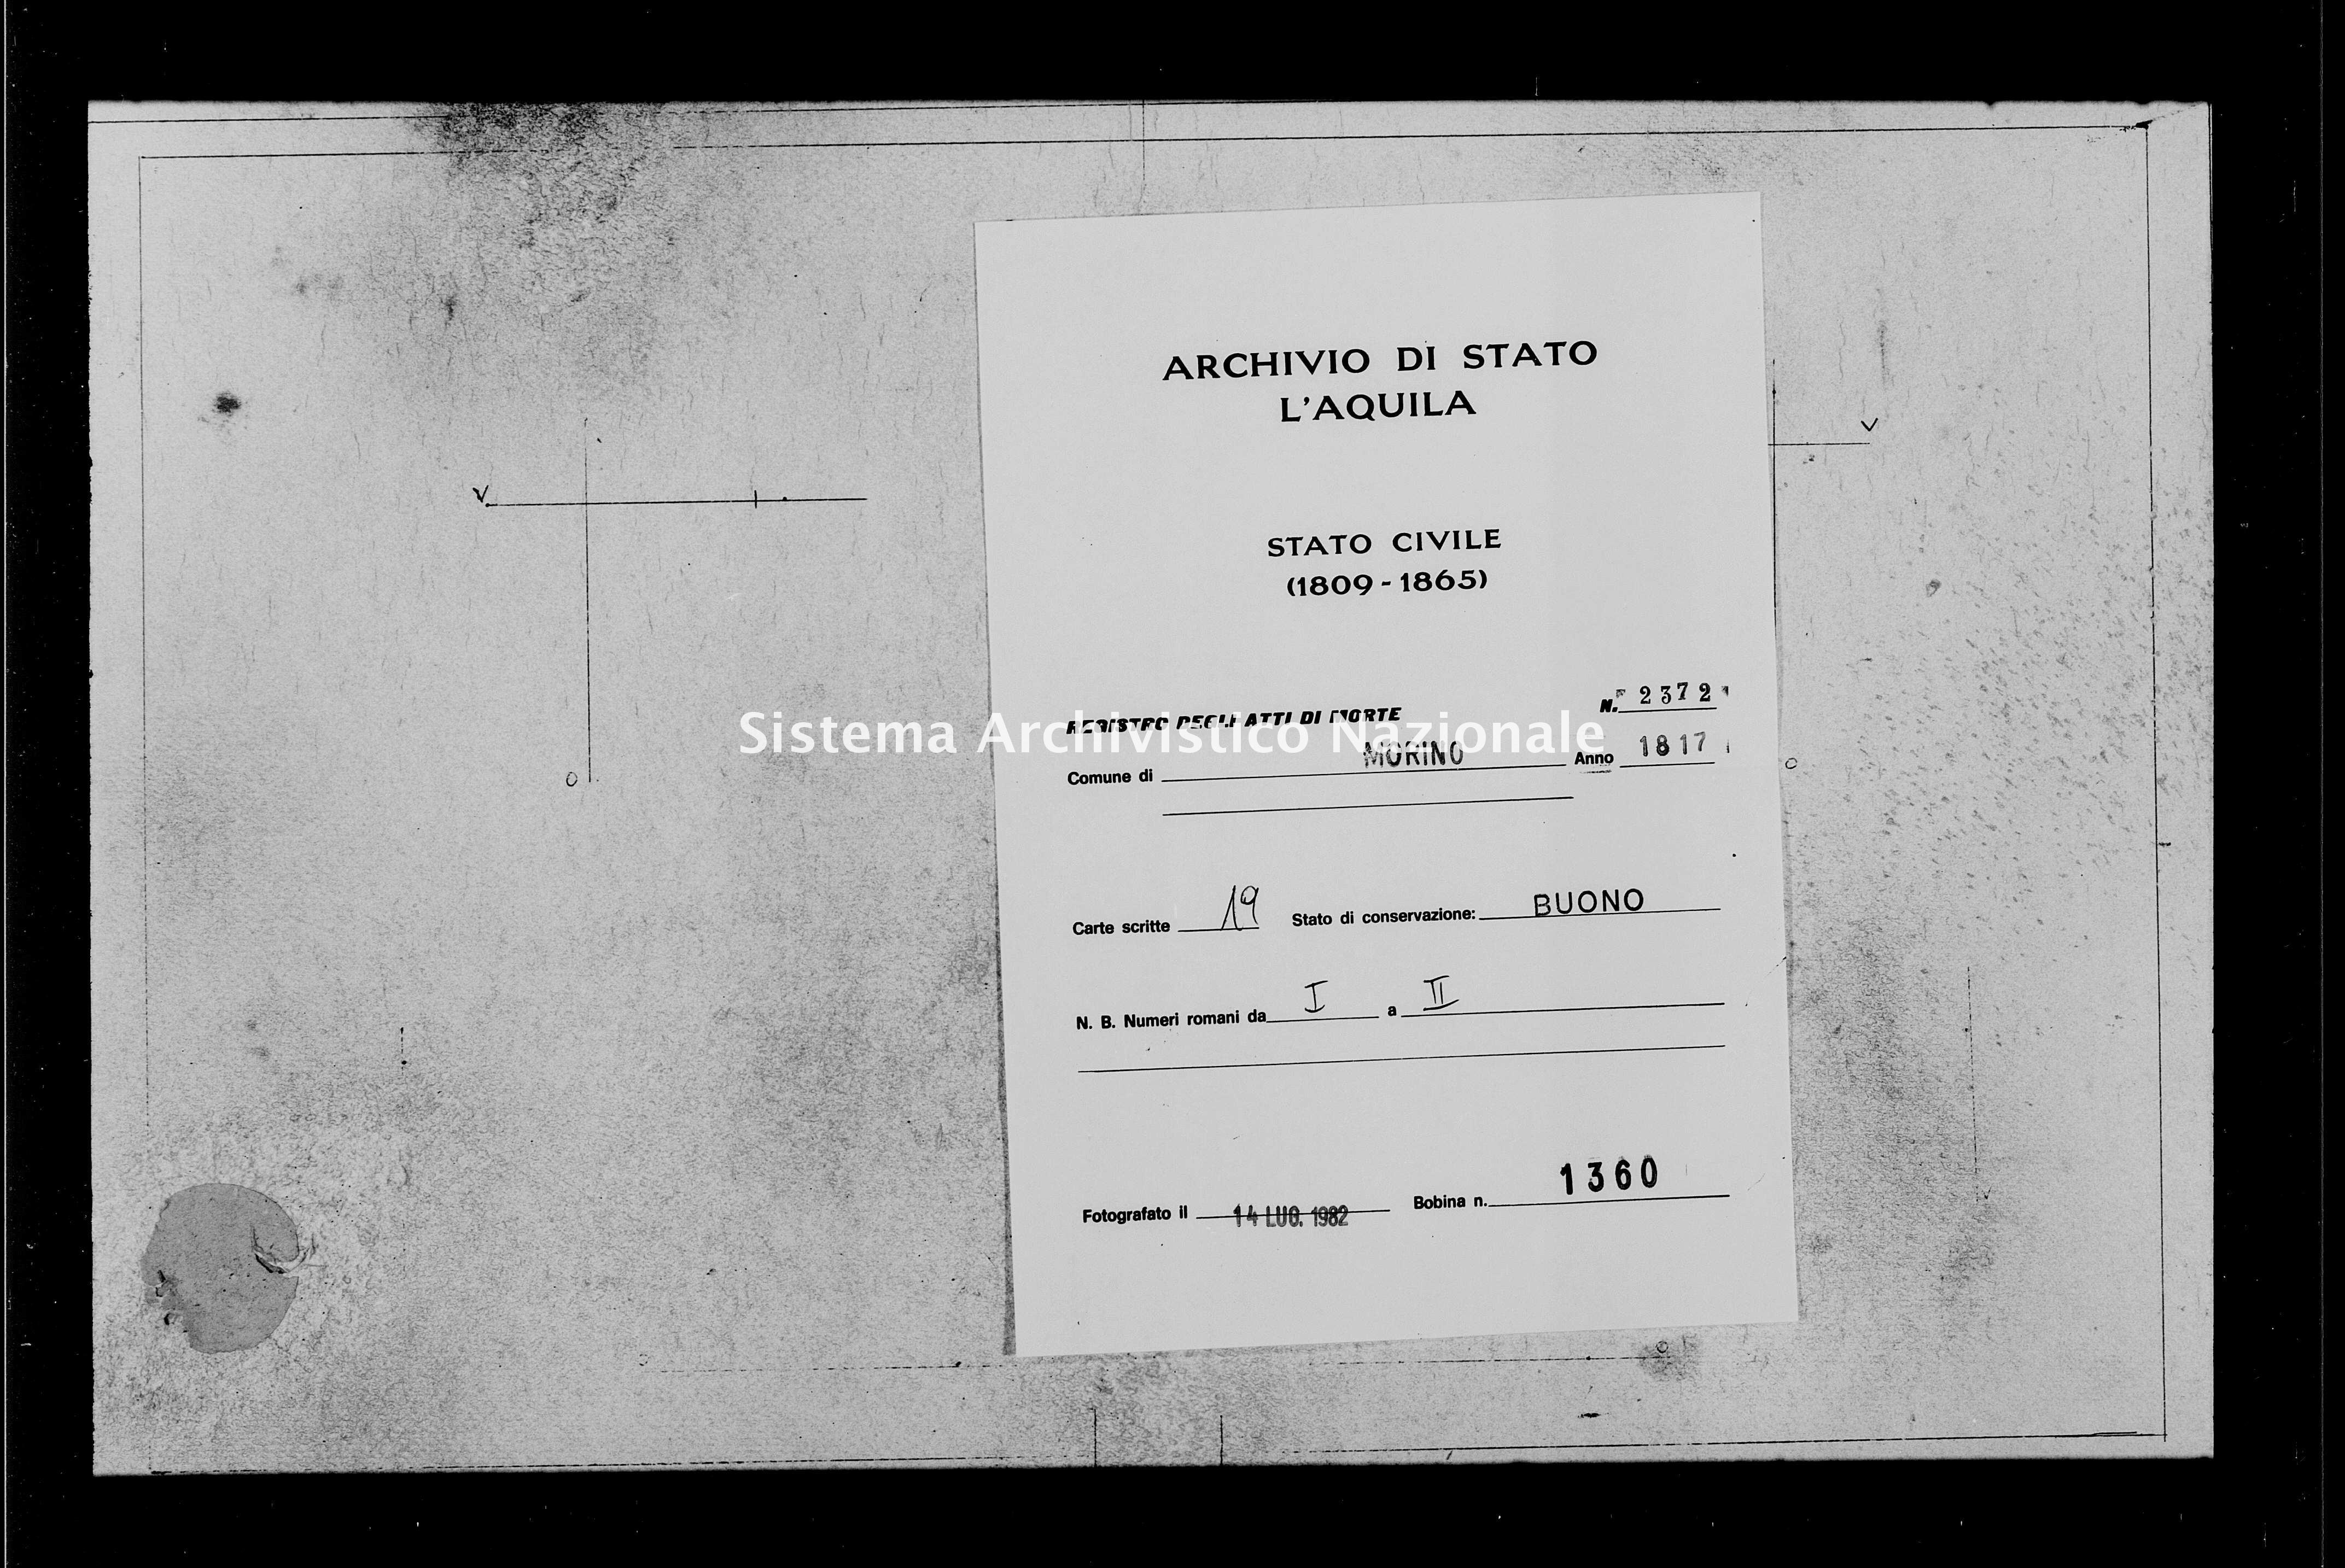 Archivio di stato di L'aquila - Stato civile della restaurazione - Morino - Morti - 1817 - 2372 -